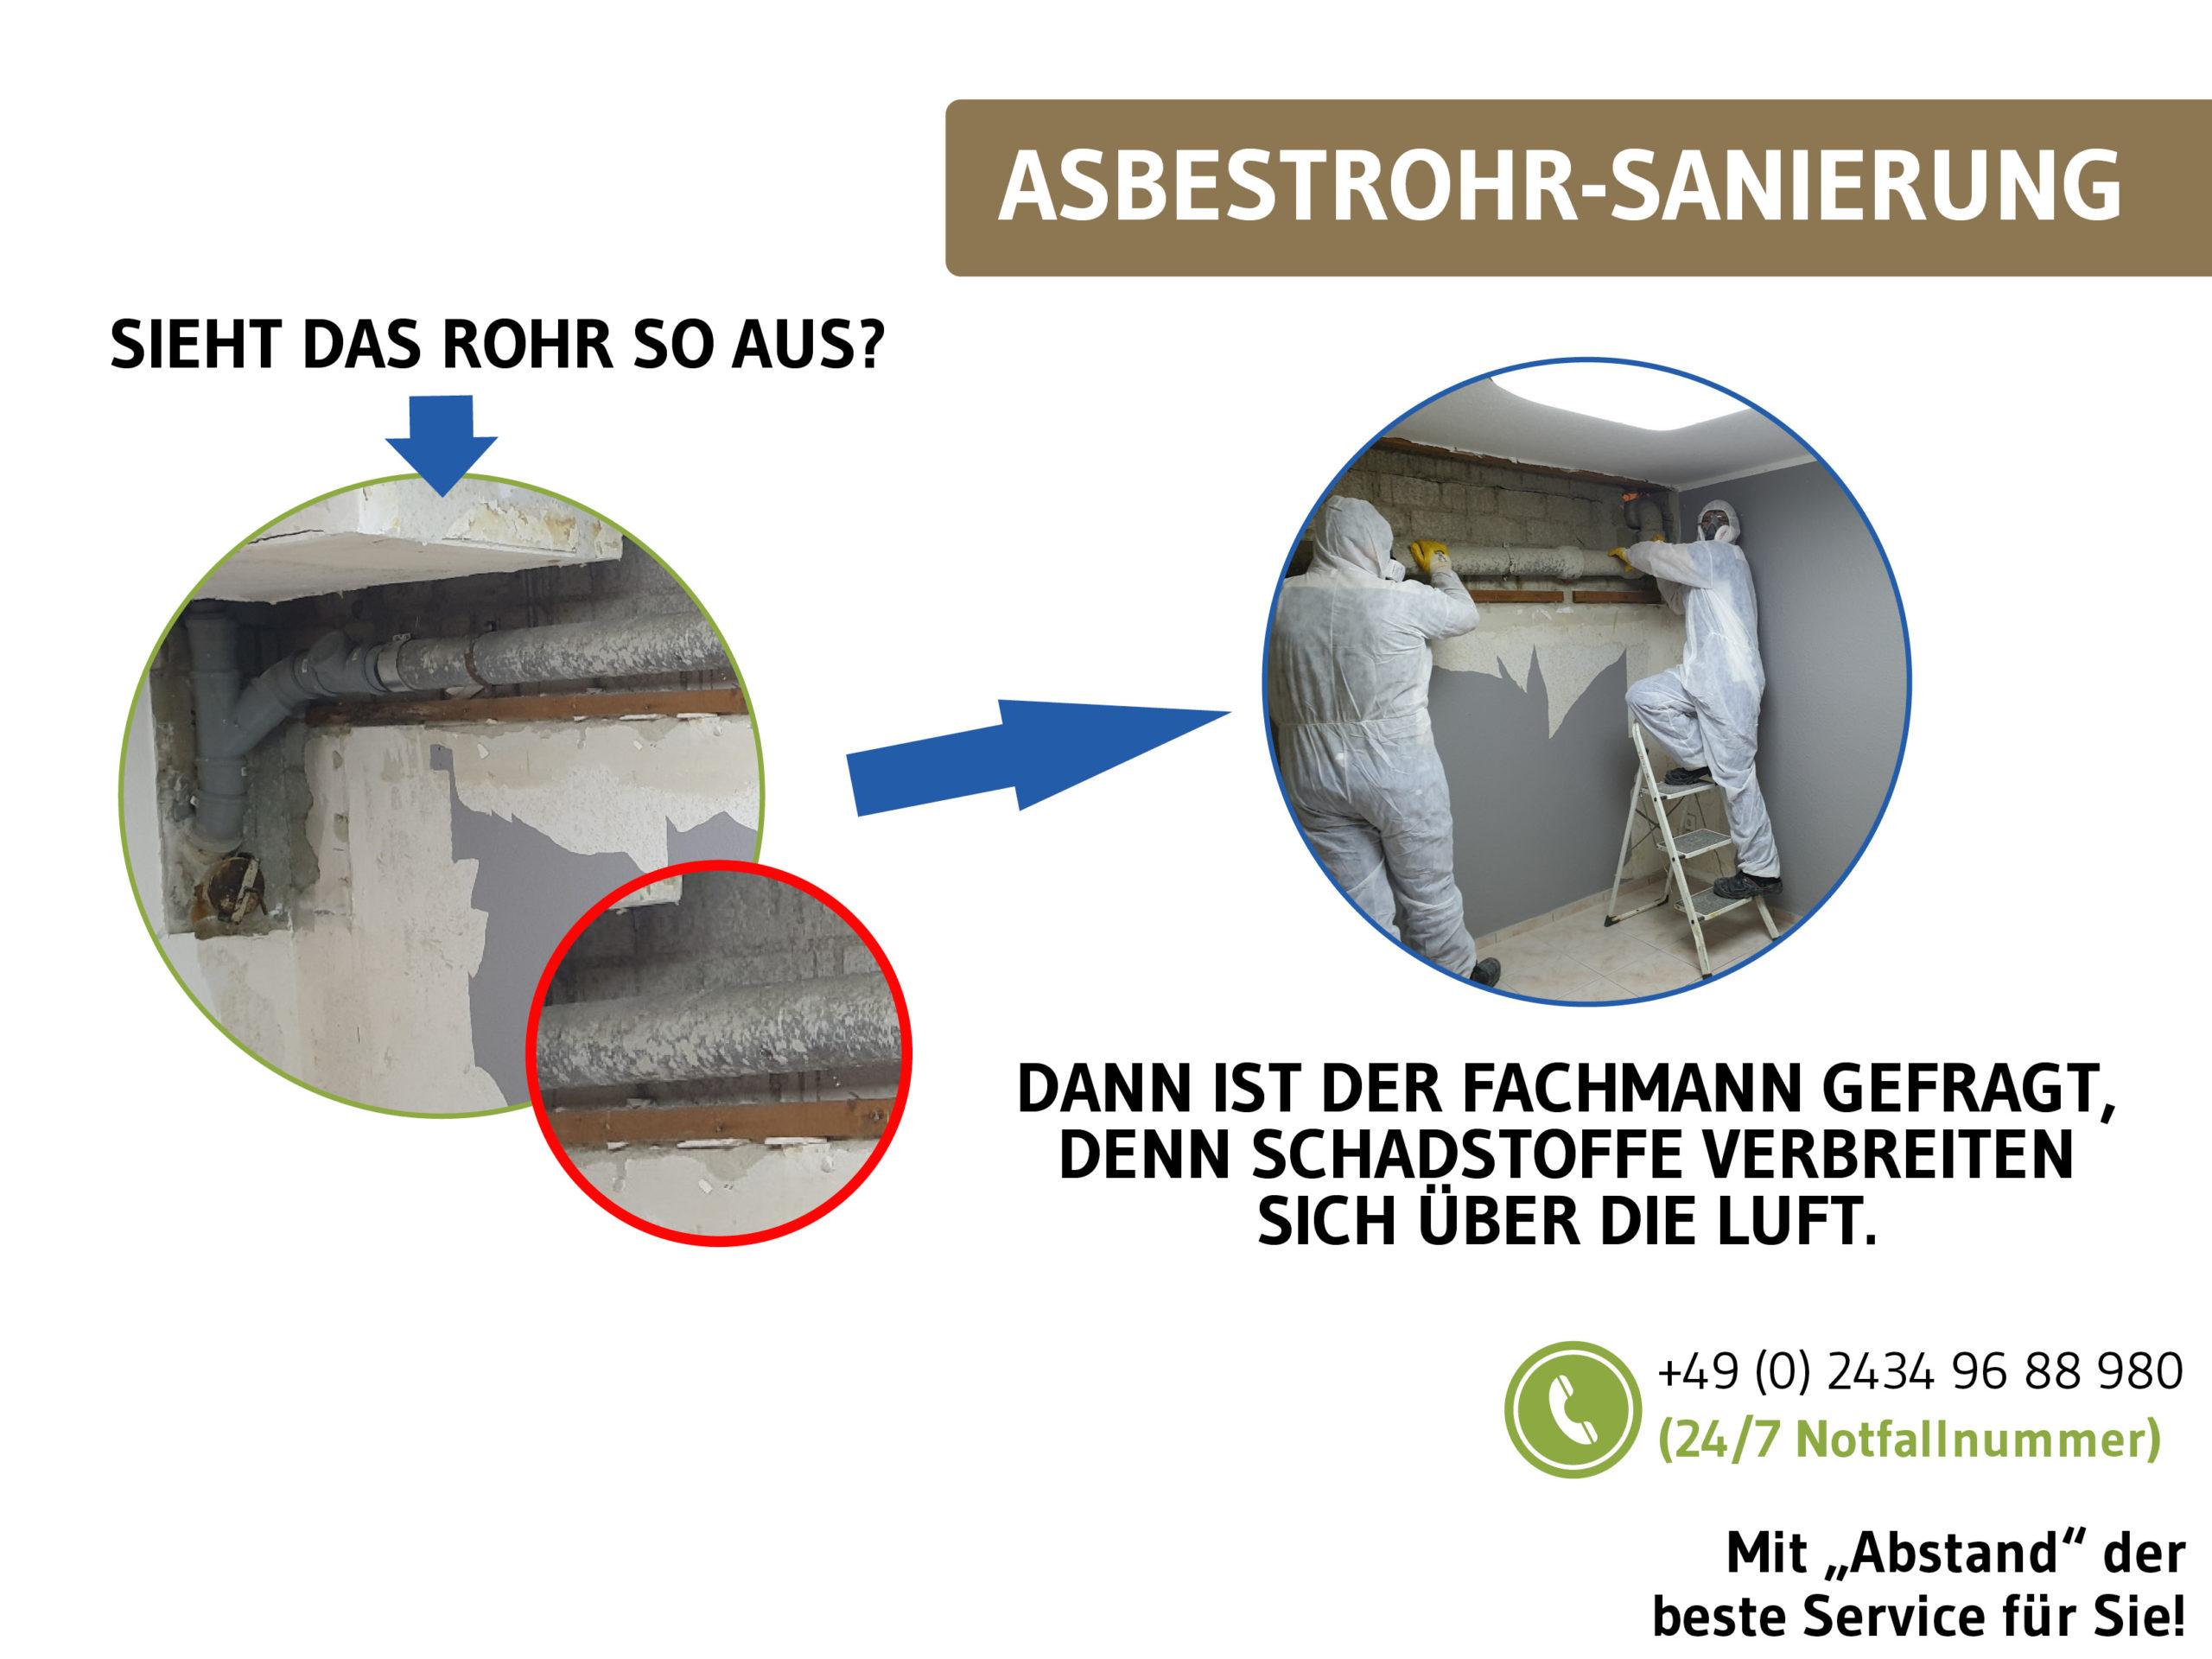 Woran kann man erkennen, das es sich um ein asbesthaltiges Rohr handelt.